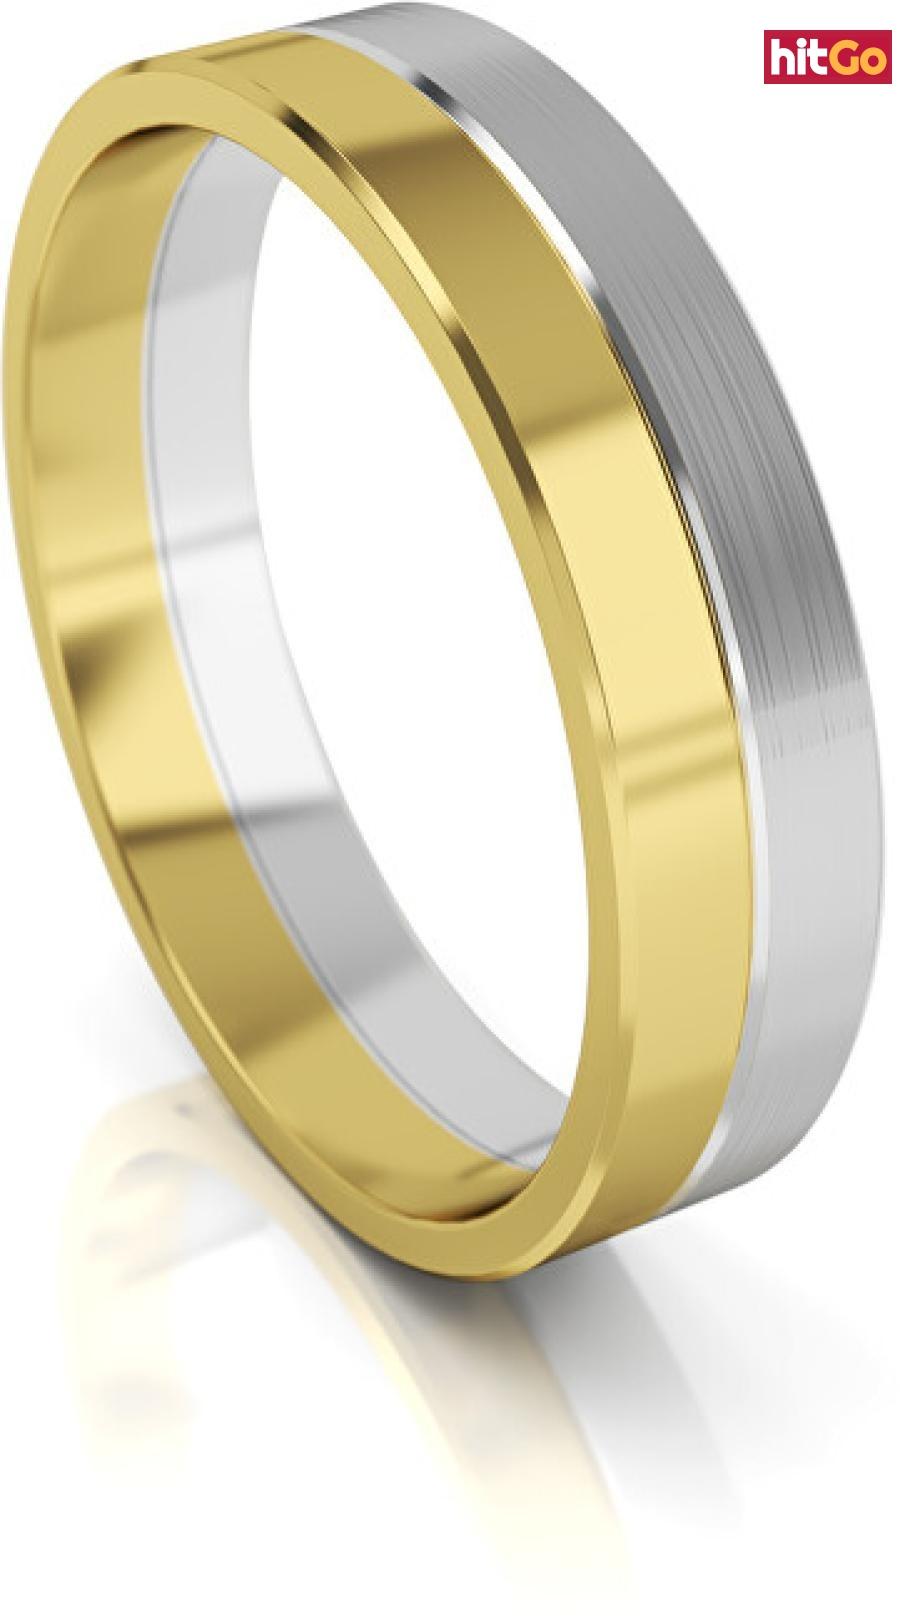 Art Diamond Pánský bicolor snubní prsten ze zlata AUG121 68 mm pánské